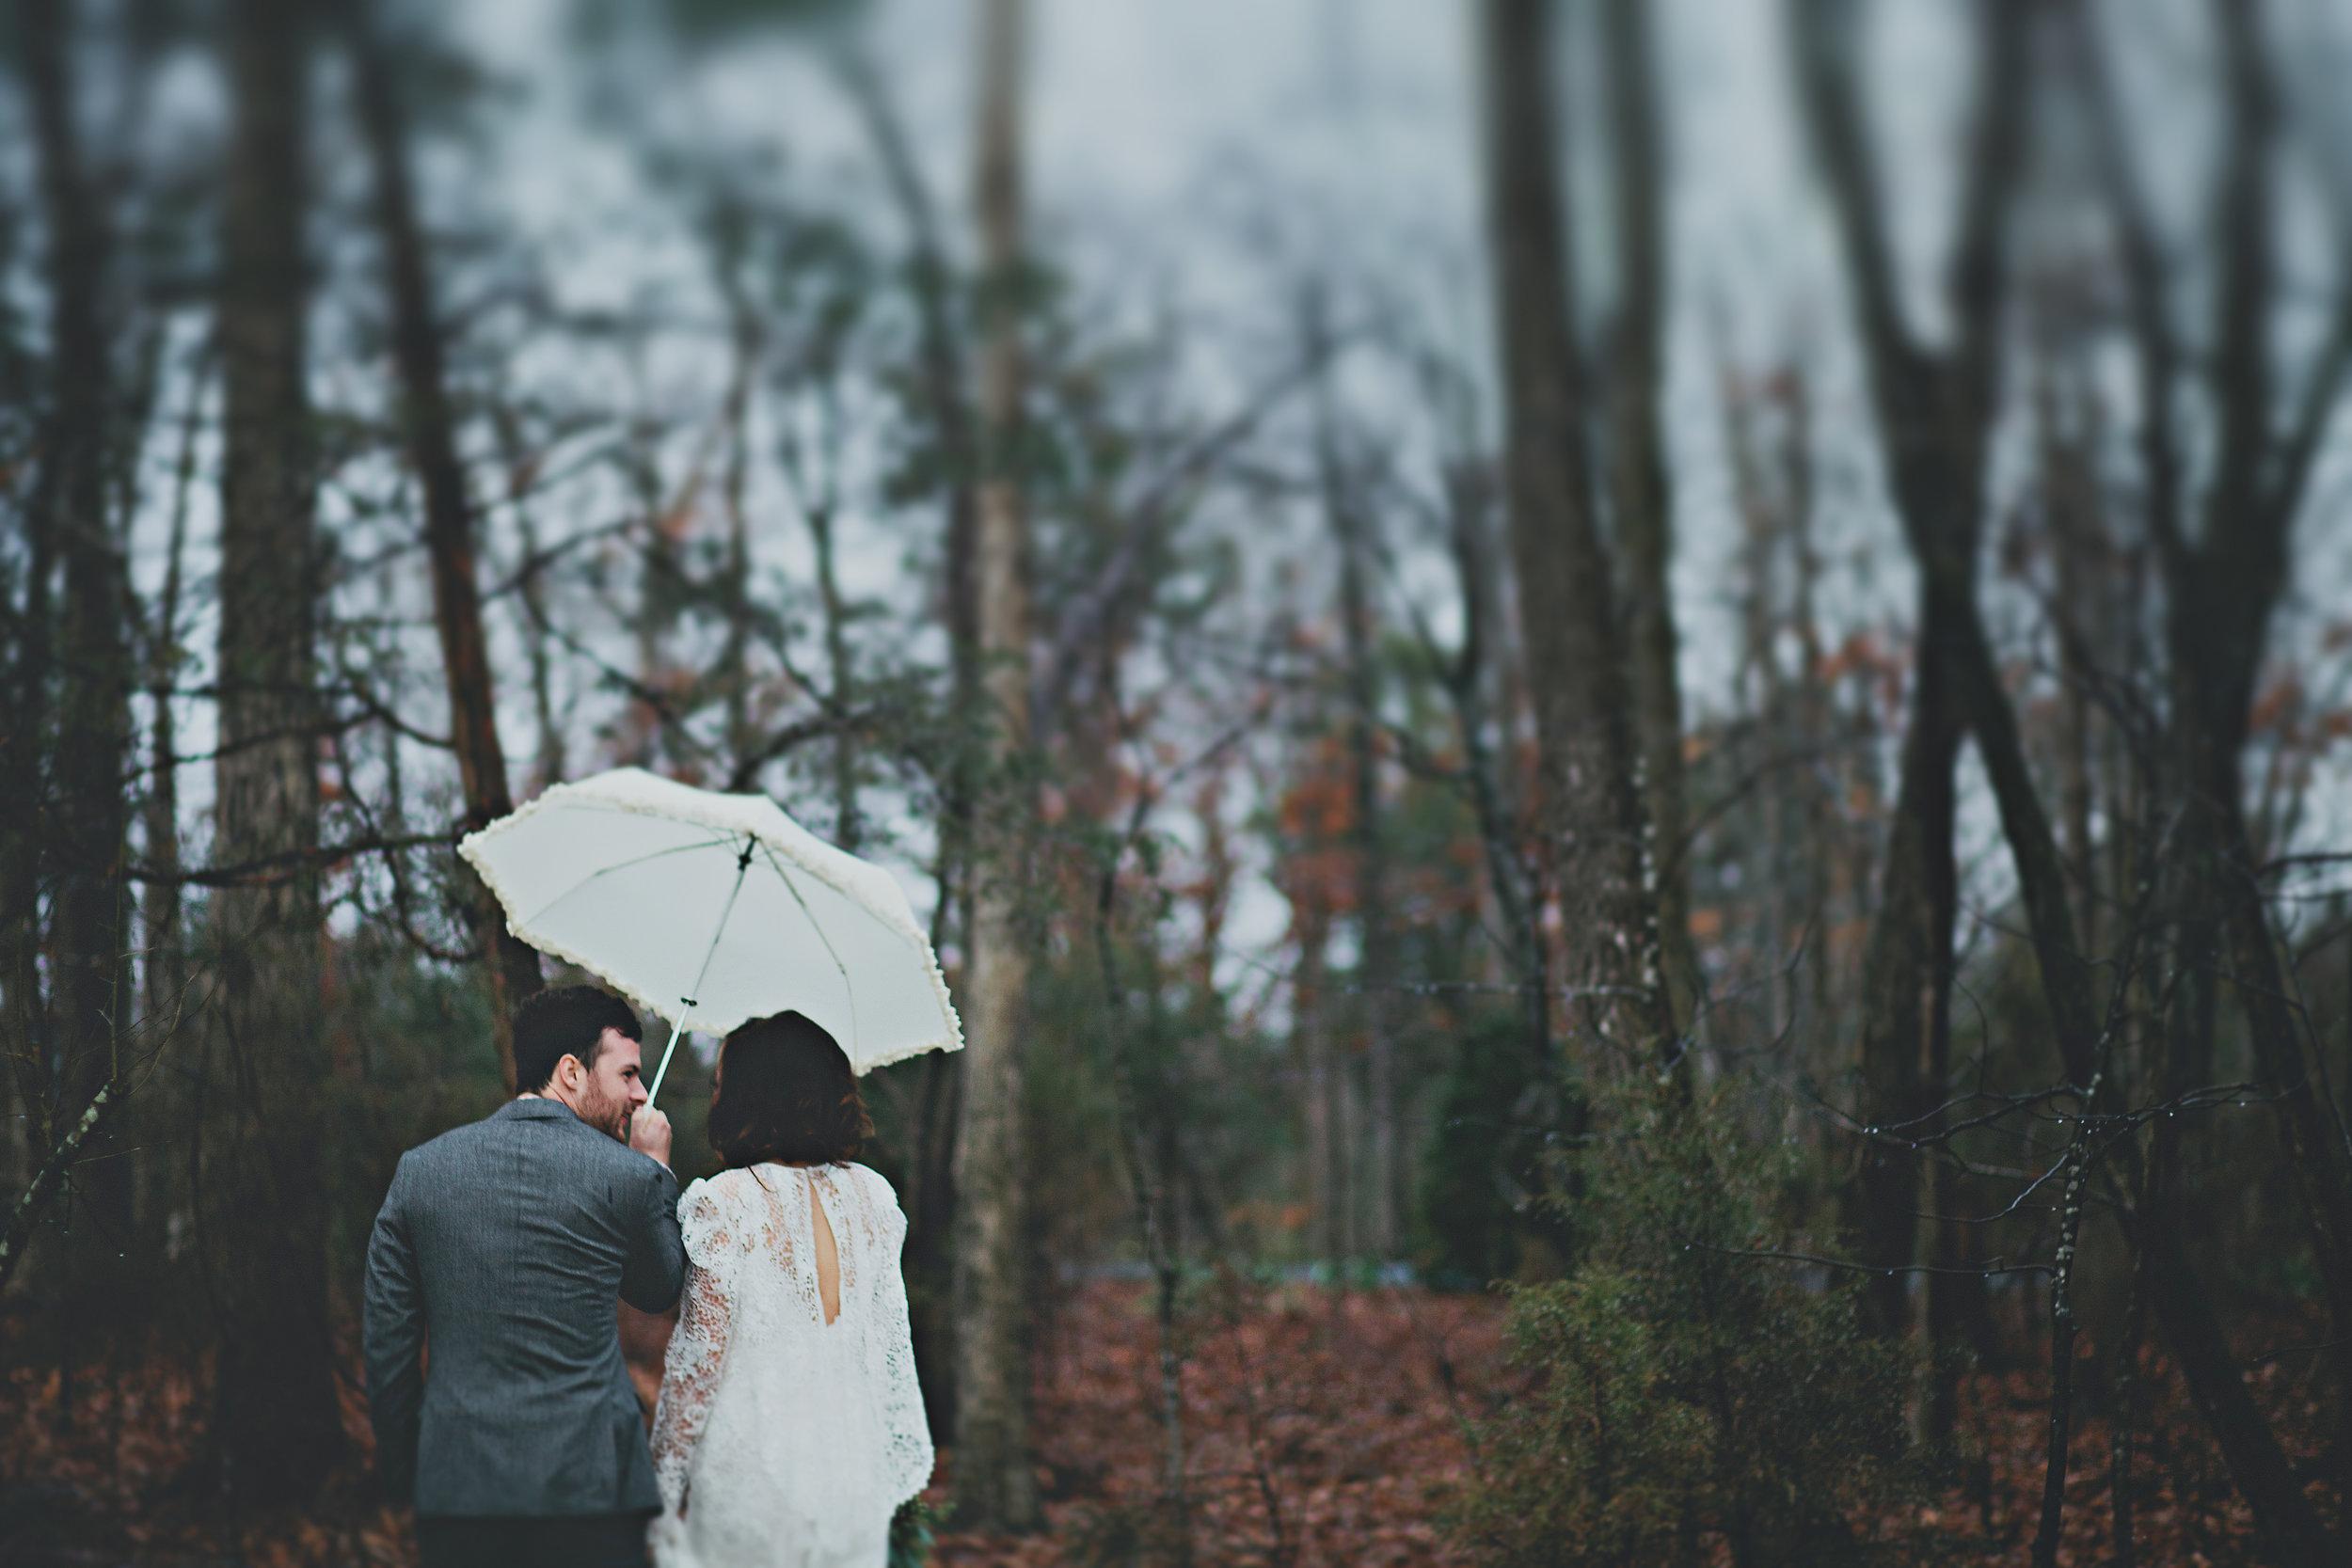 rwgphoto_david_sarah_wedding_favorites-73-of-162.jpg